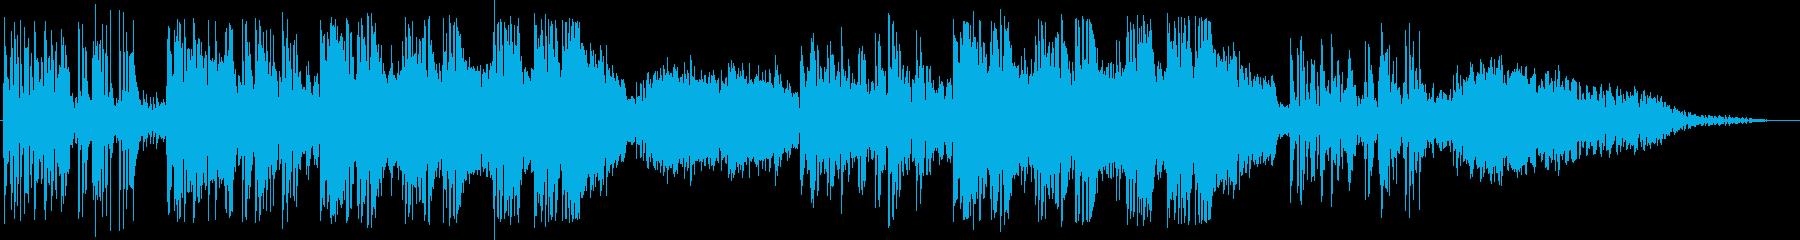 英語洋楽:中期ビートルズ・悲しげなピアノの再生済みの波形